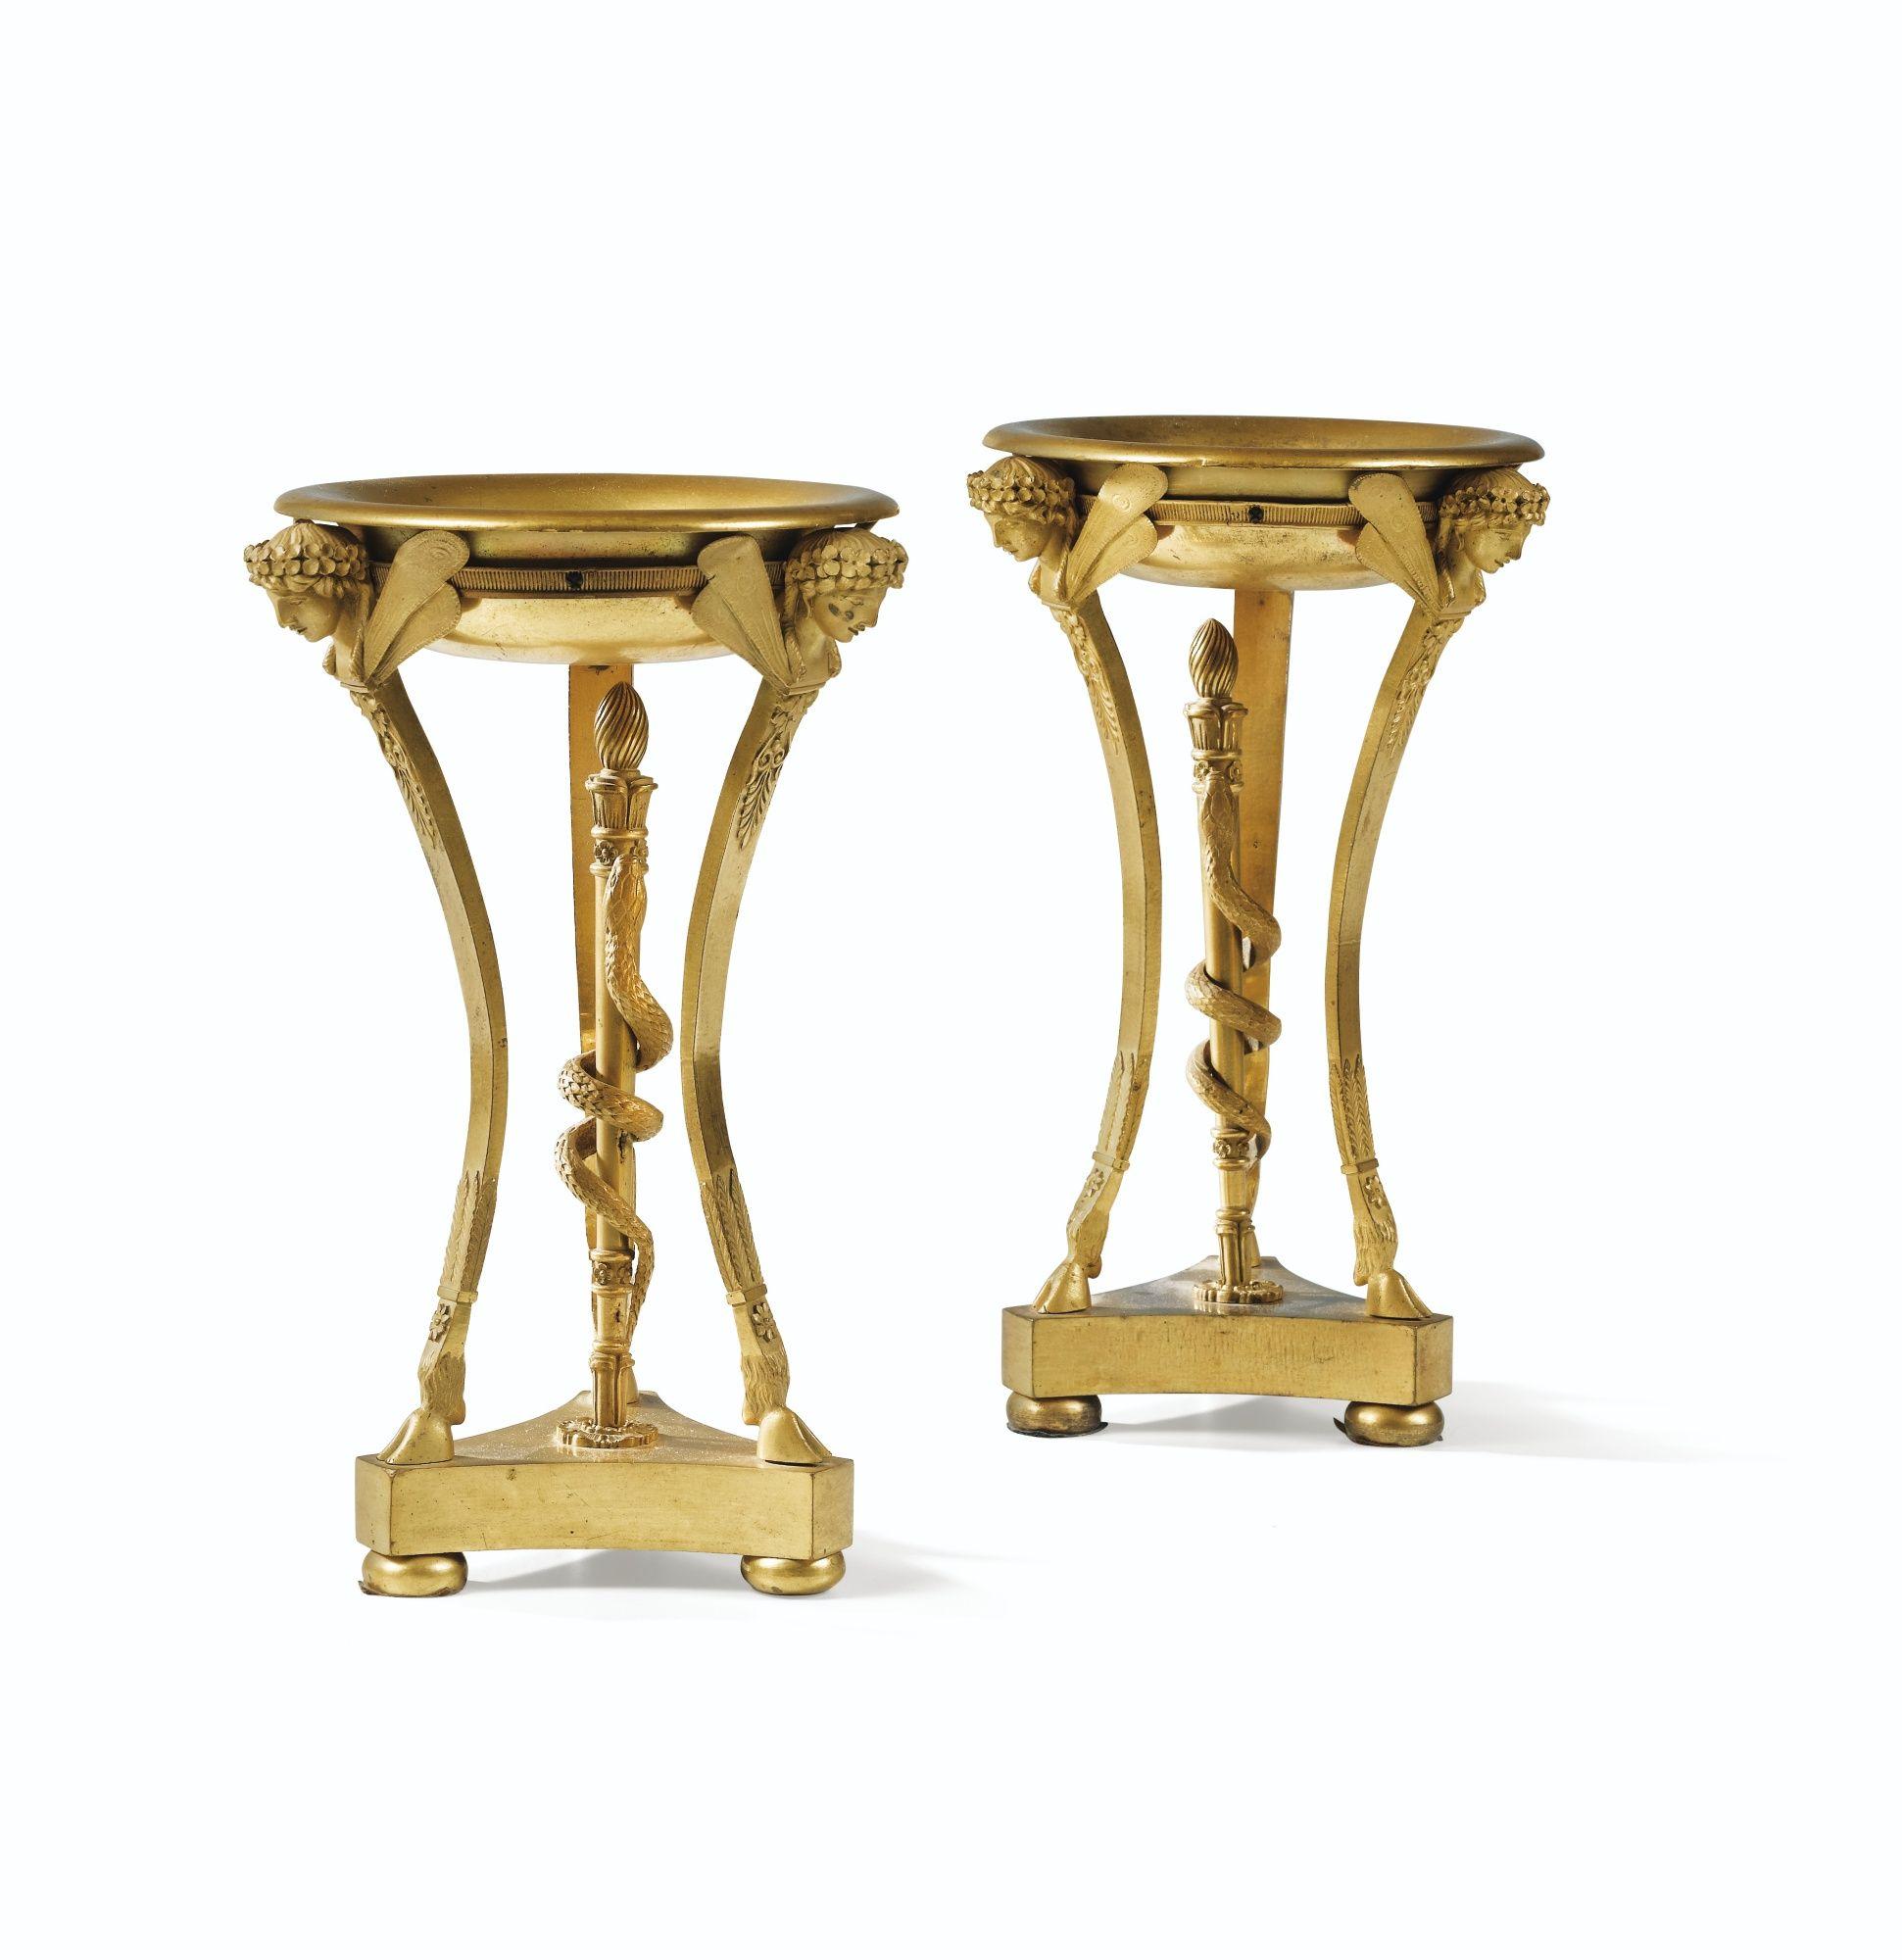 Paire de coupes en athénienne en bronze doré d'époque Restauration A PAIR OF GILT-BRONZE CUPS, RESTAURATION